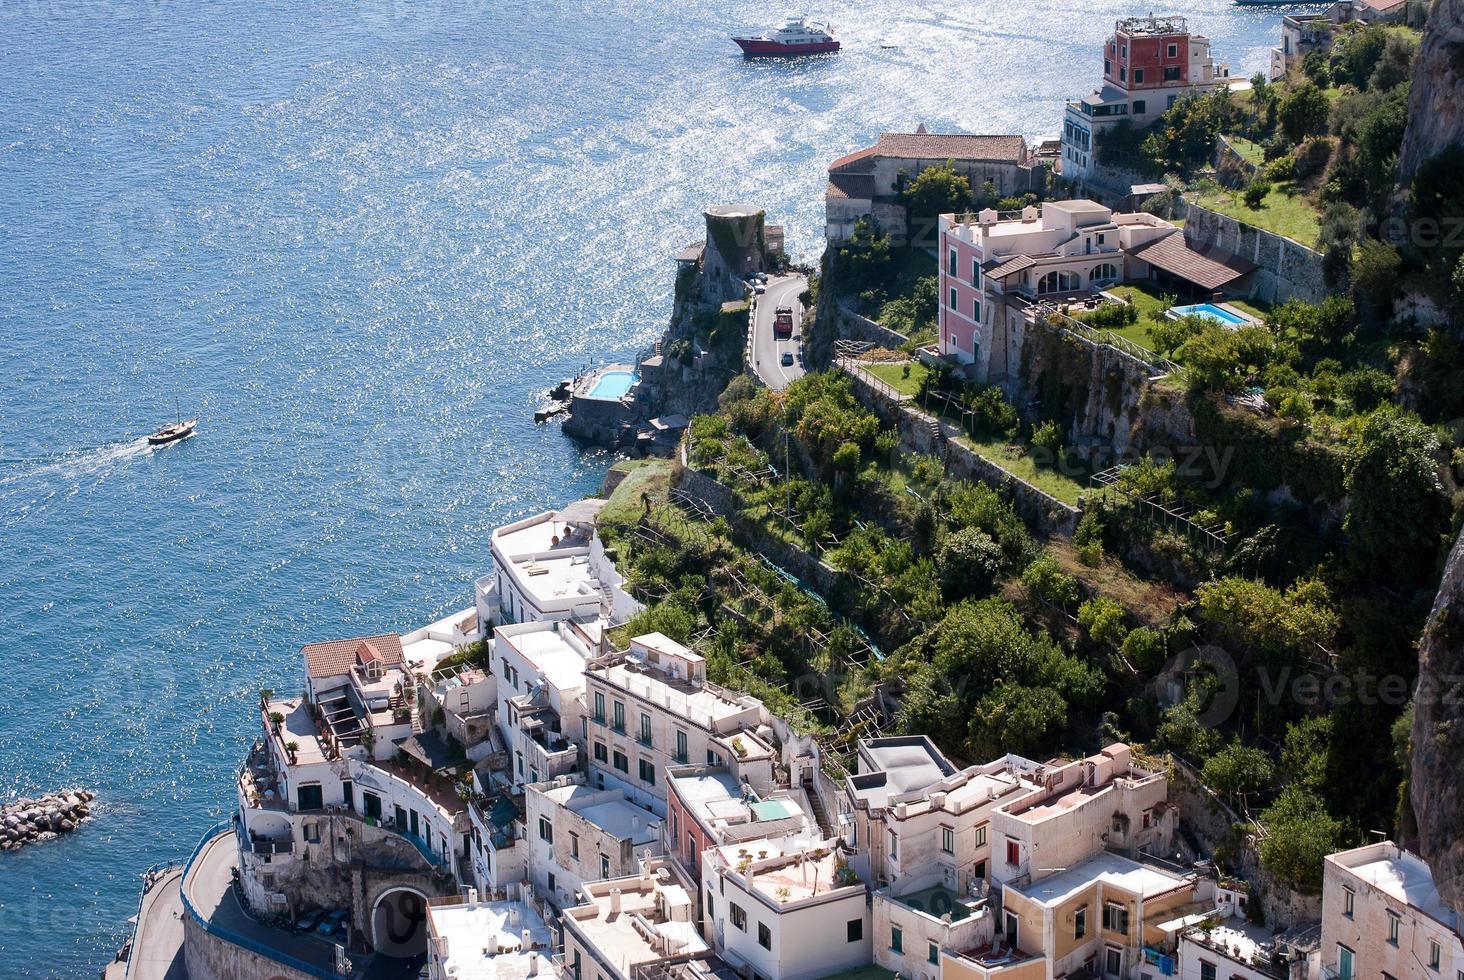 Atrani city, Amalfi Coast, Italy photo